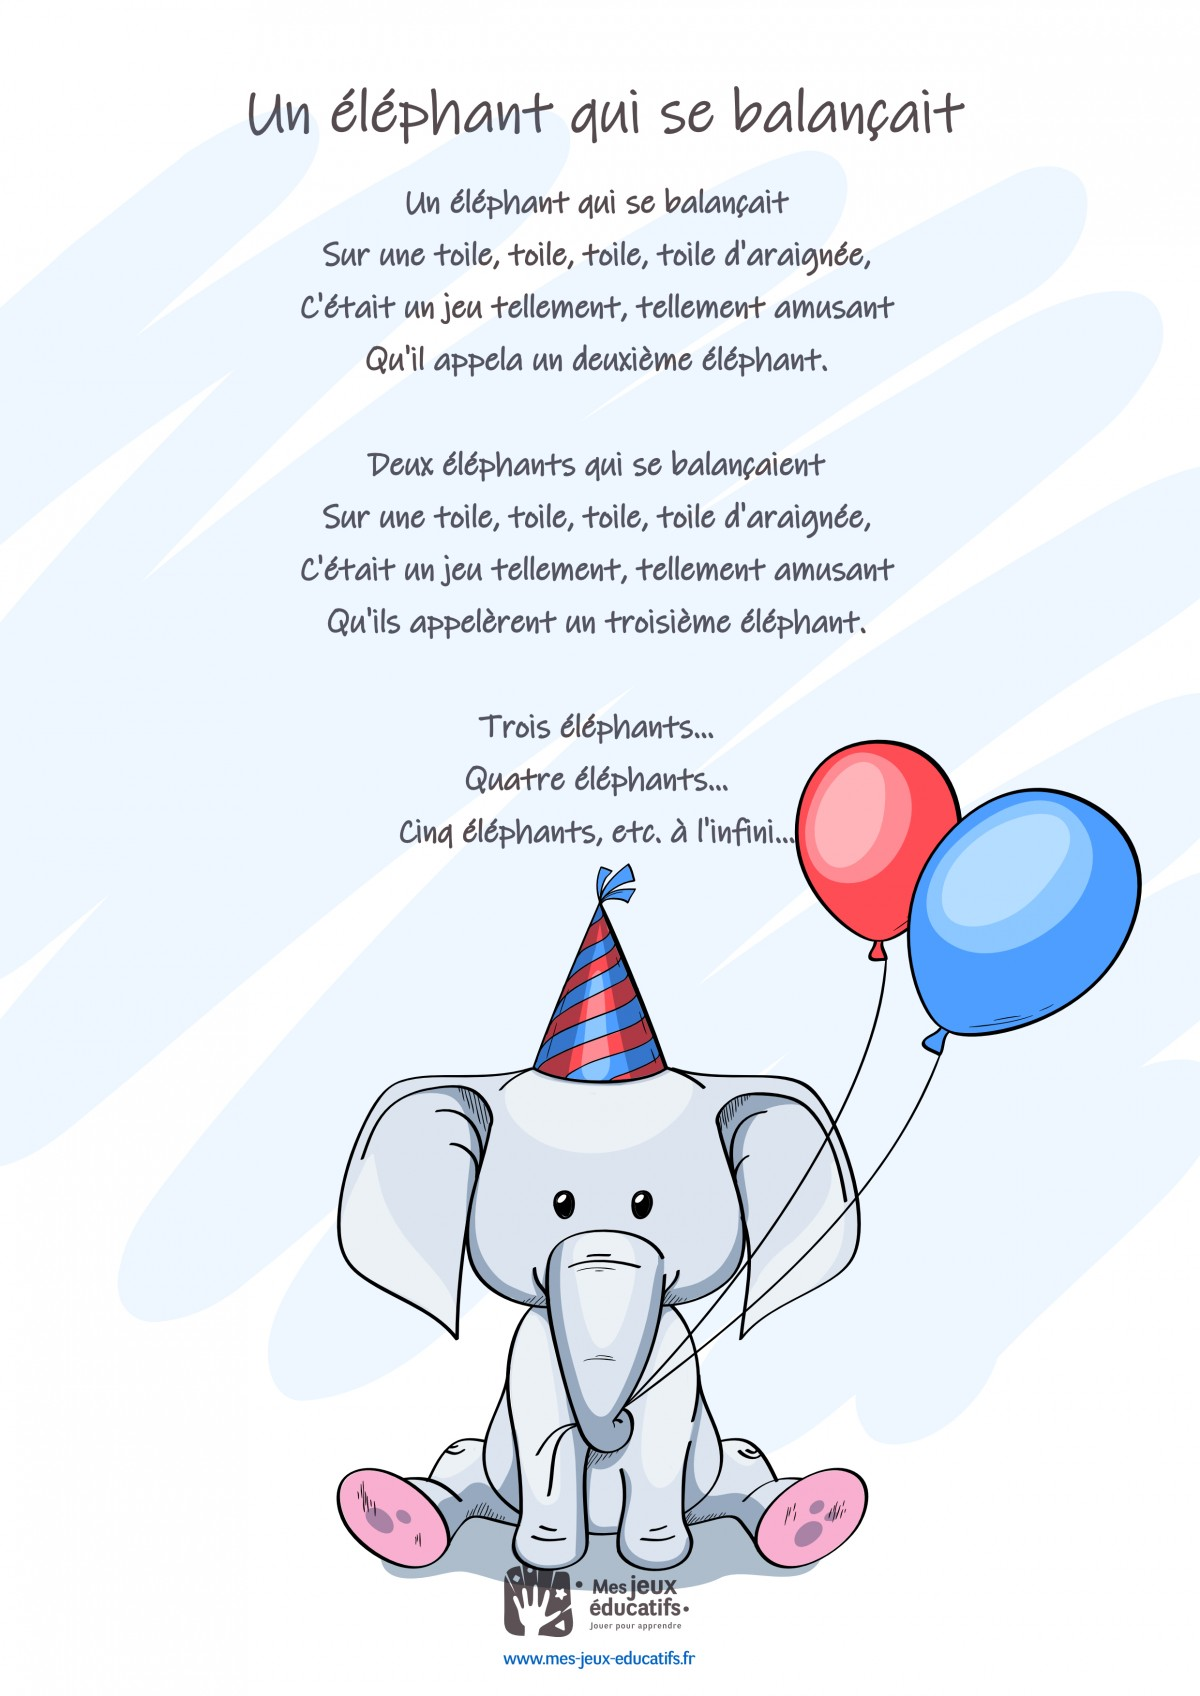 Un éléphant Qui Se Balancait : éléphant, balancait, Balançait, Paroles, Comptine, Educatifs